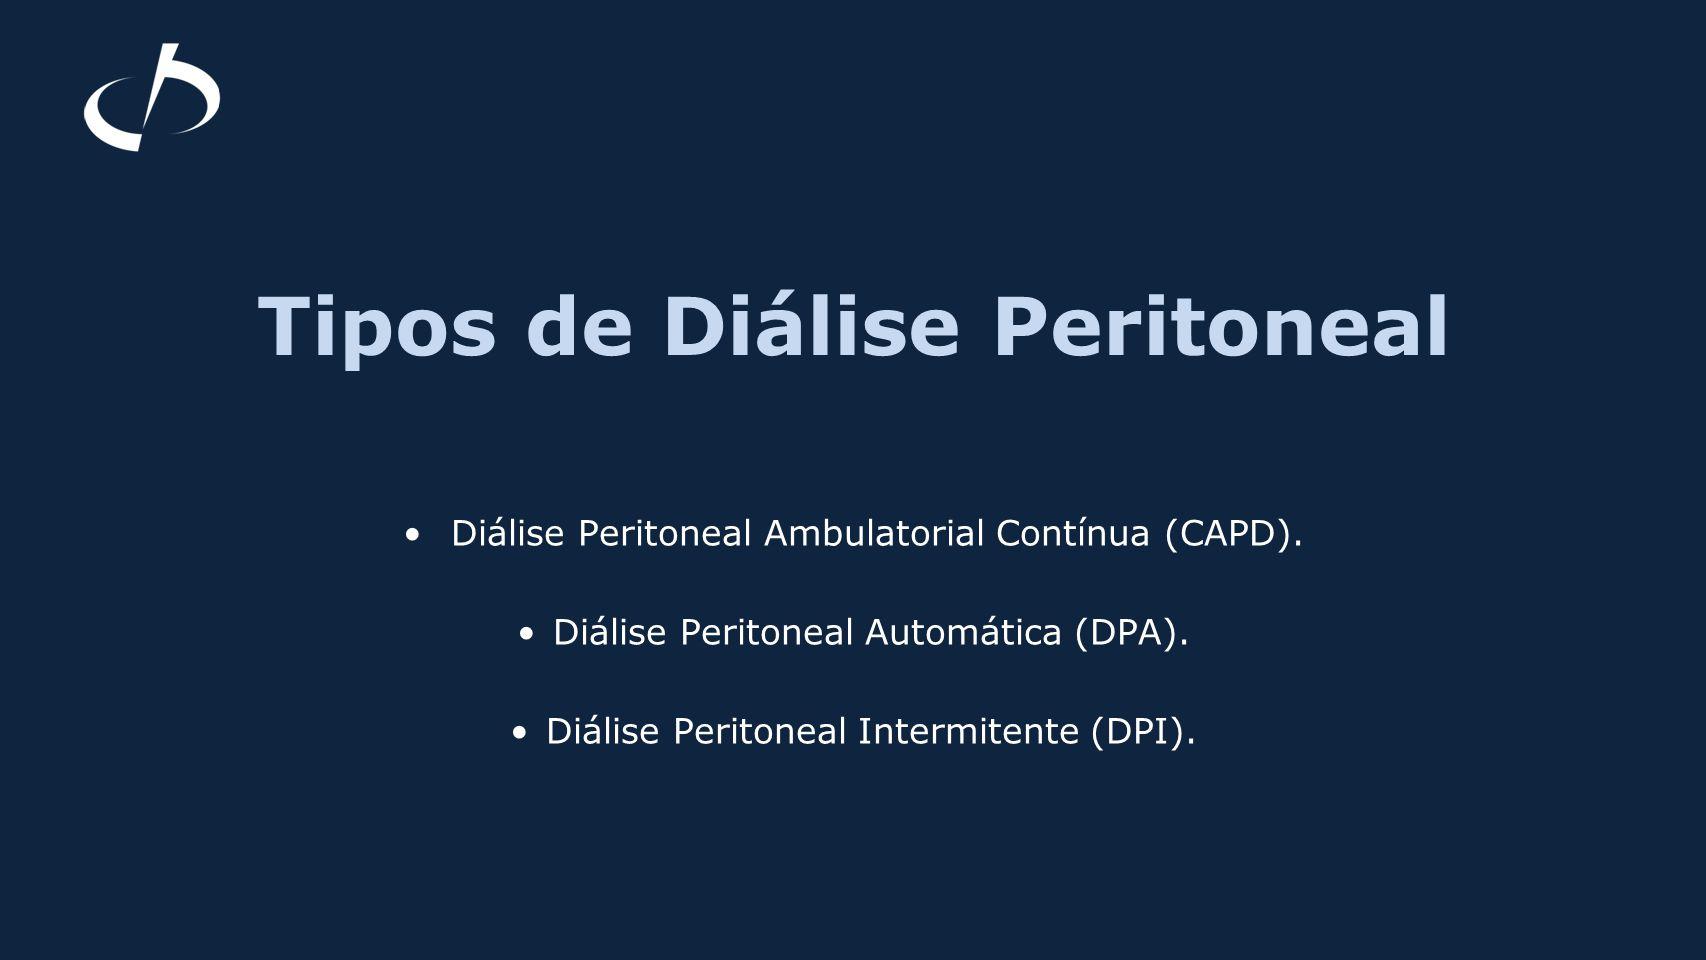 Tipos de Diálise Peritoneal